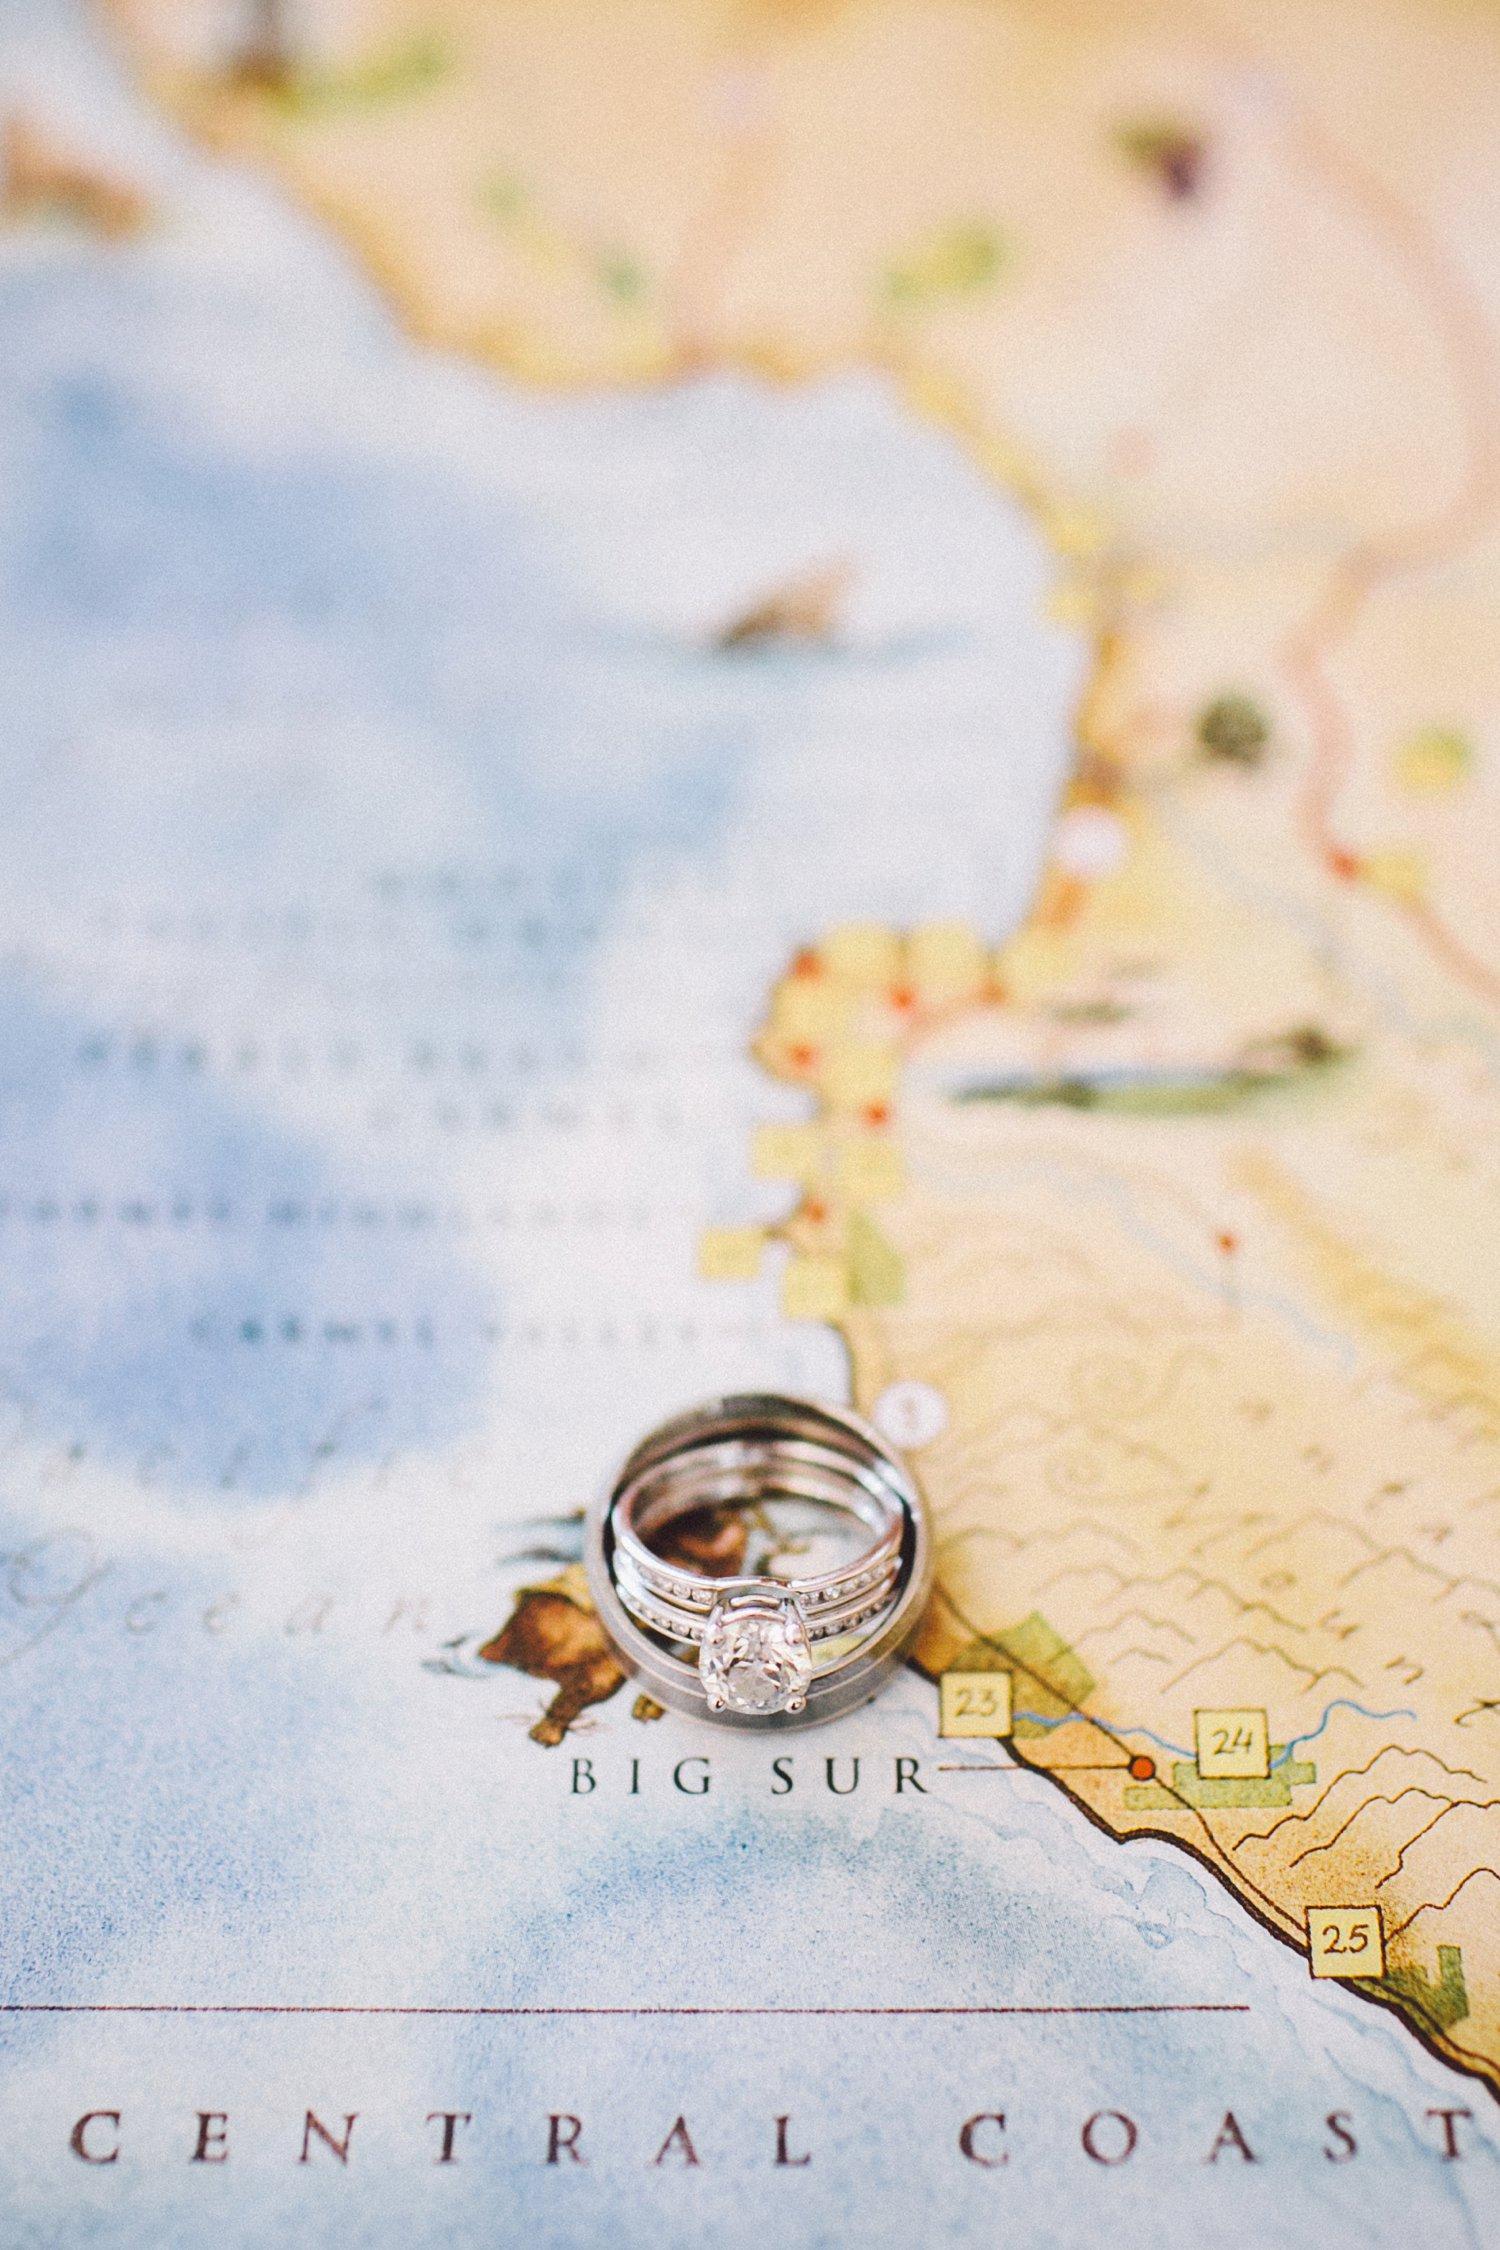 Foto van trouwringen op kaart